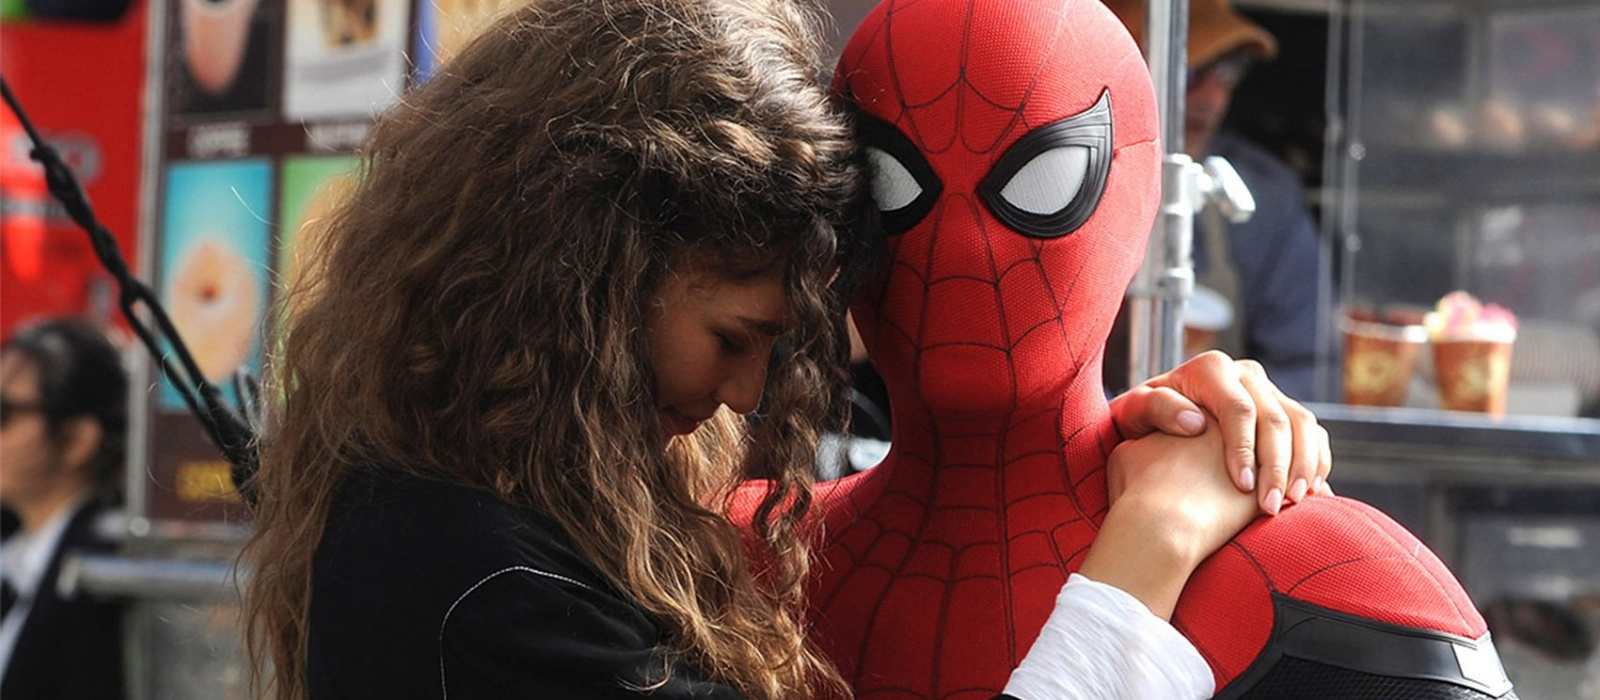 """Die ersten Poster zu """"Spider-Man: No Way Home"""" wurden in den Kinos aufgehängt, aber sie stellten sich als Fälschung heraus"""